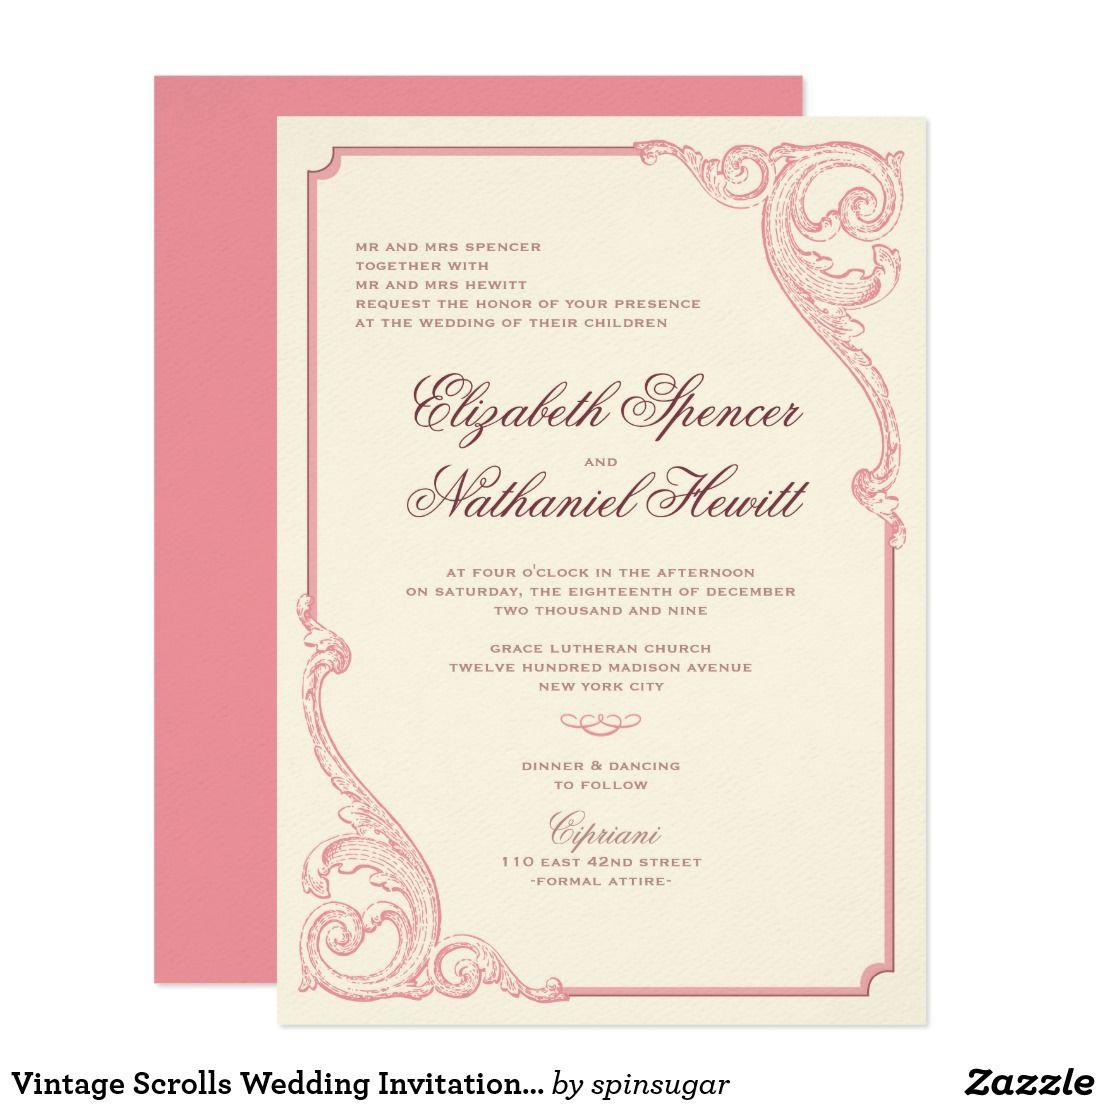 Vintage Scrolls Wedding Invitation in Dusty Rose | Wedding Ideas ...